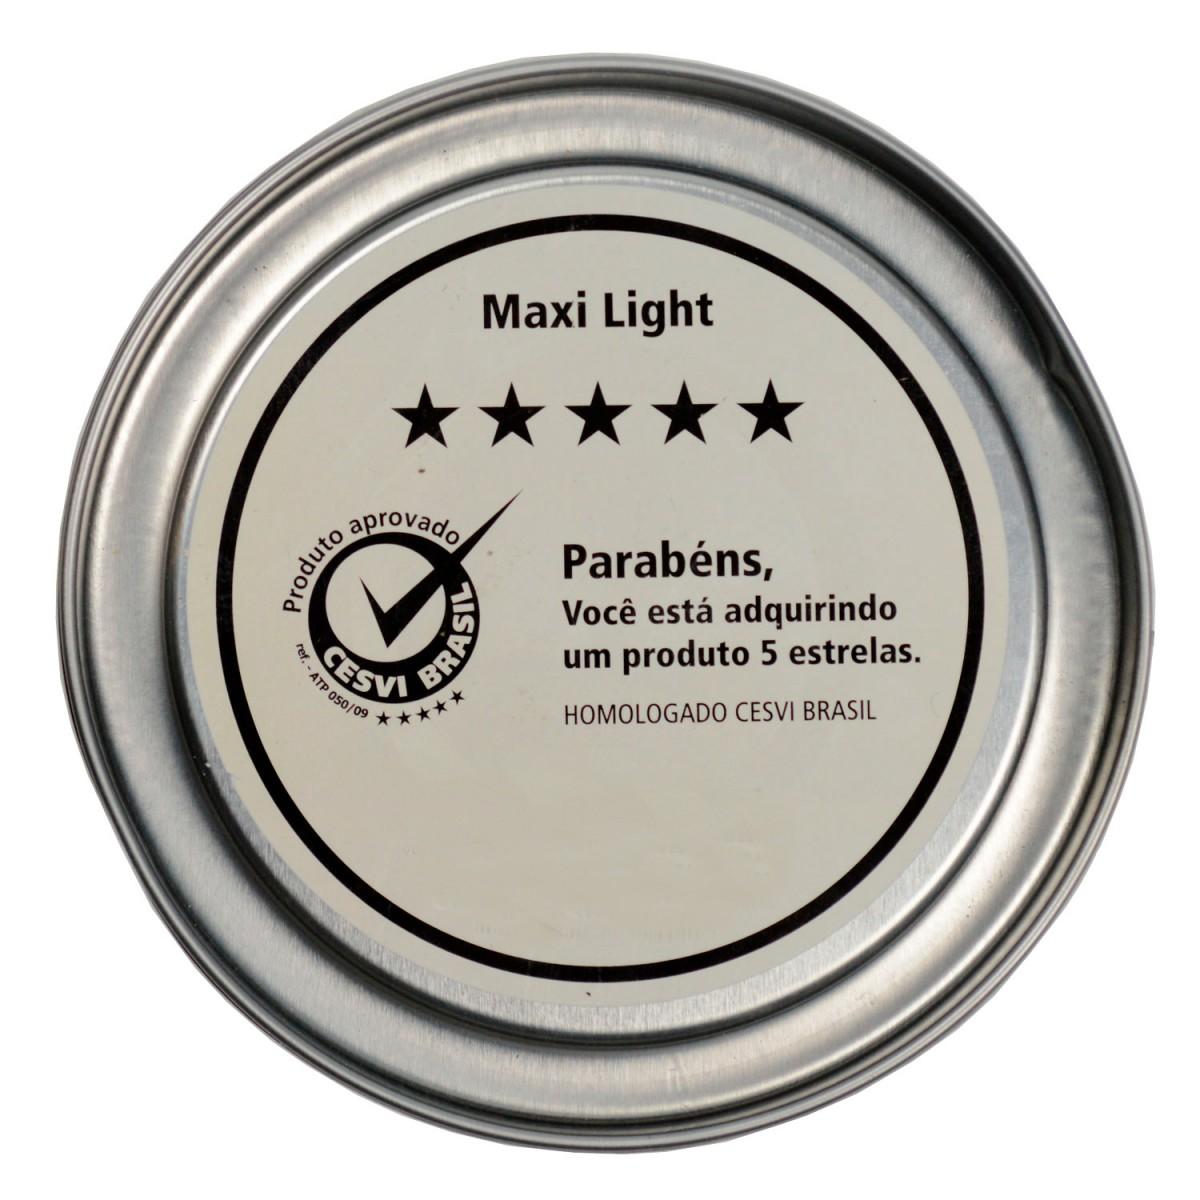 Foto2 - Massa Poliéster Maxi Light 1mg025 Maxi Rubber 900g (Caixa fechada com 12 unidades)